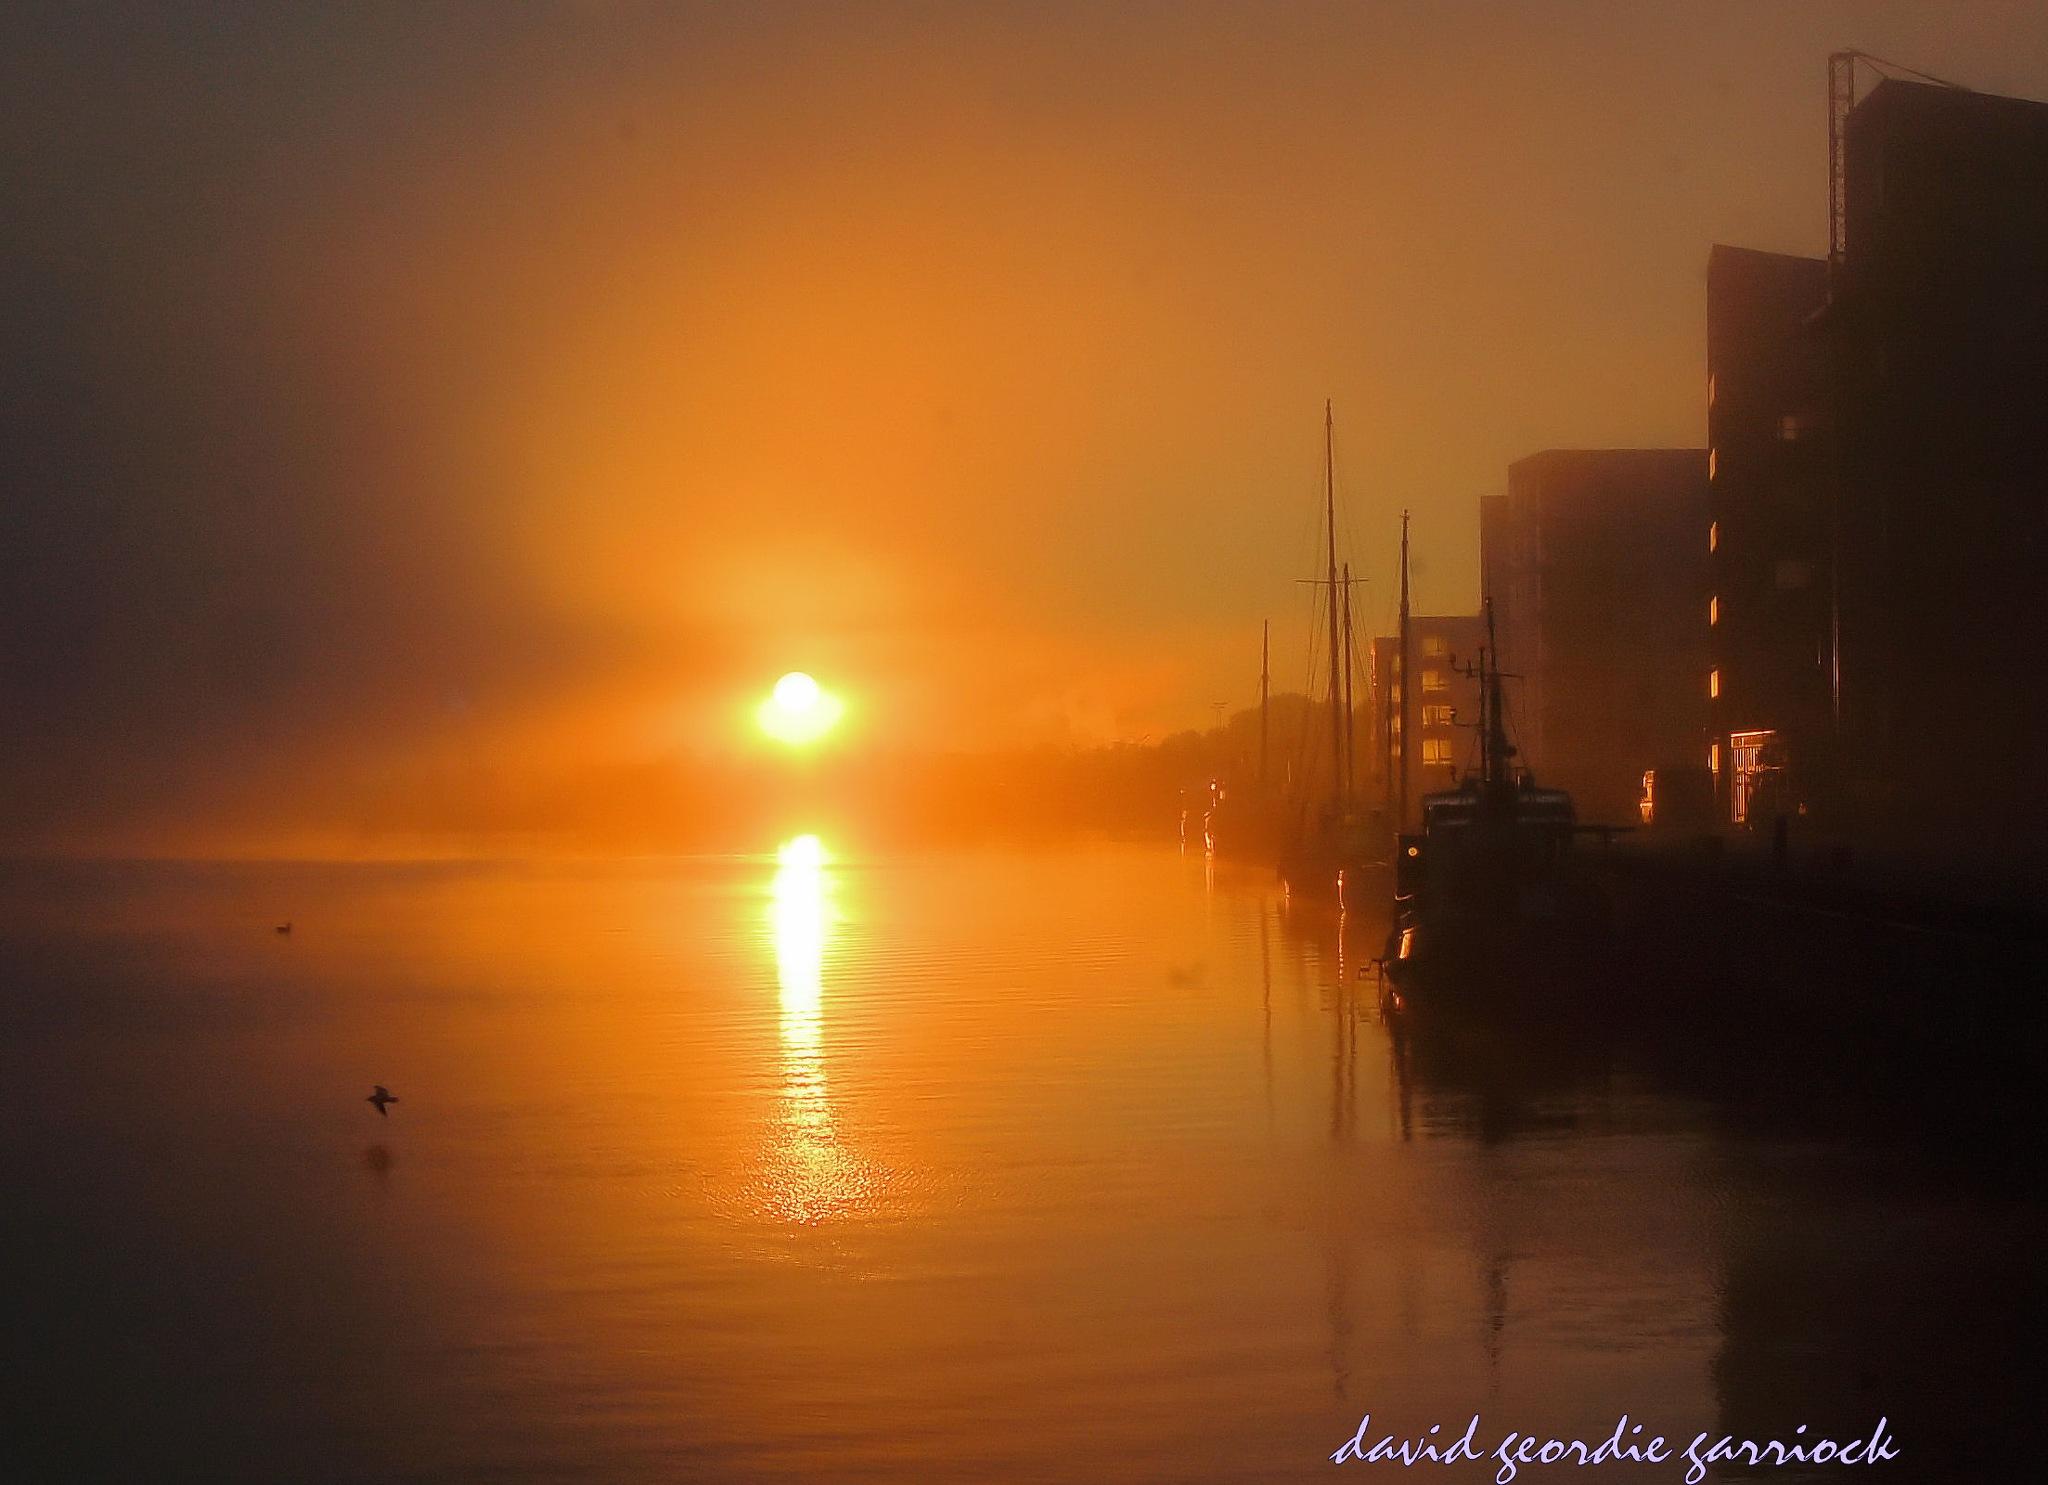 waterfront morning by davidgeordiegarriock